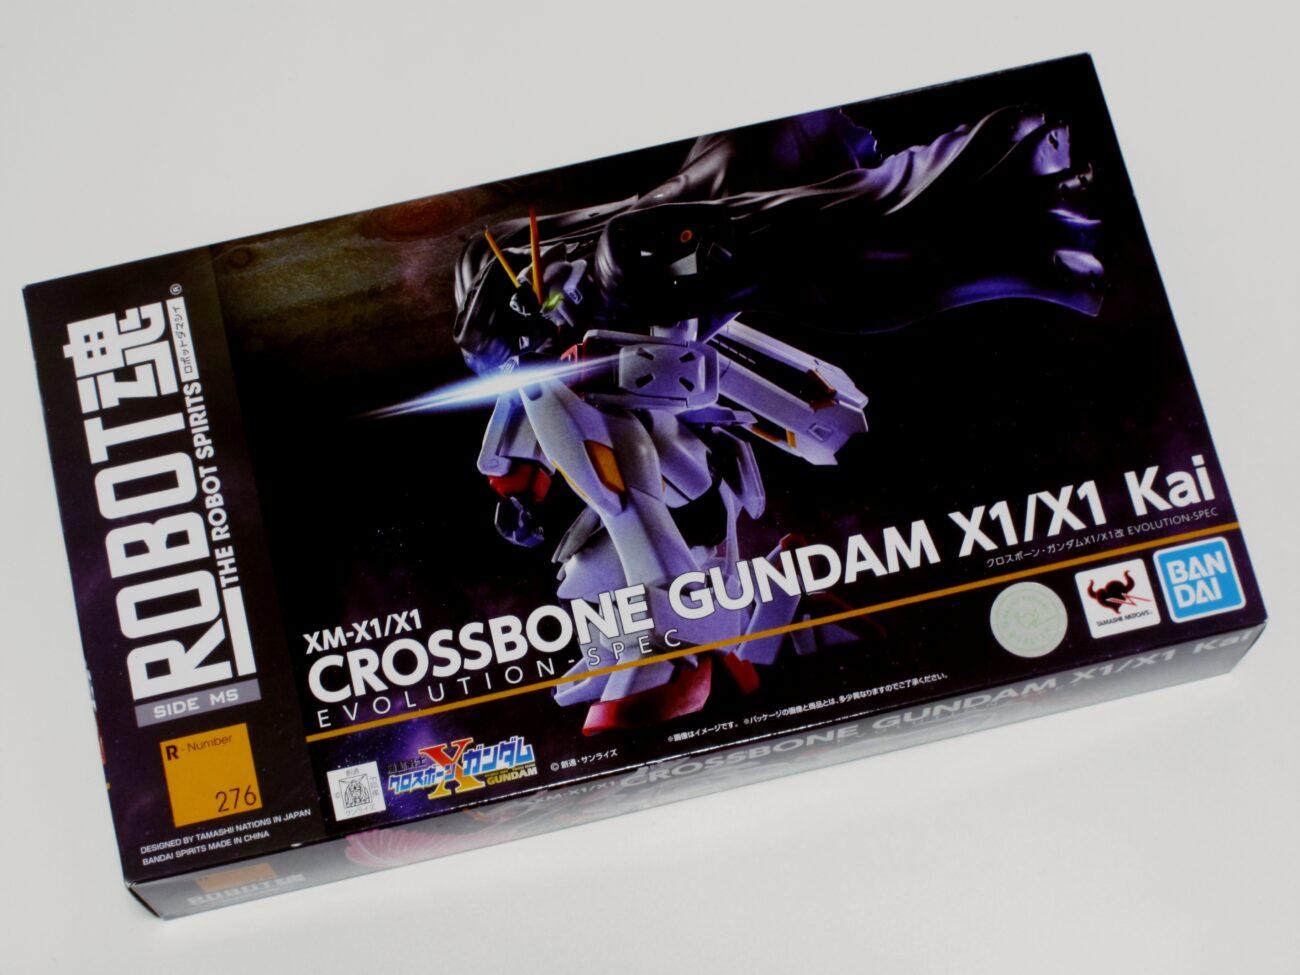 クロスボーンX1